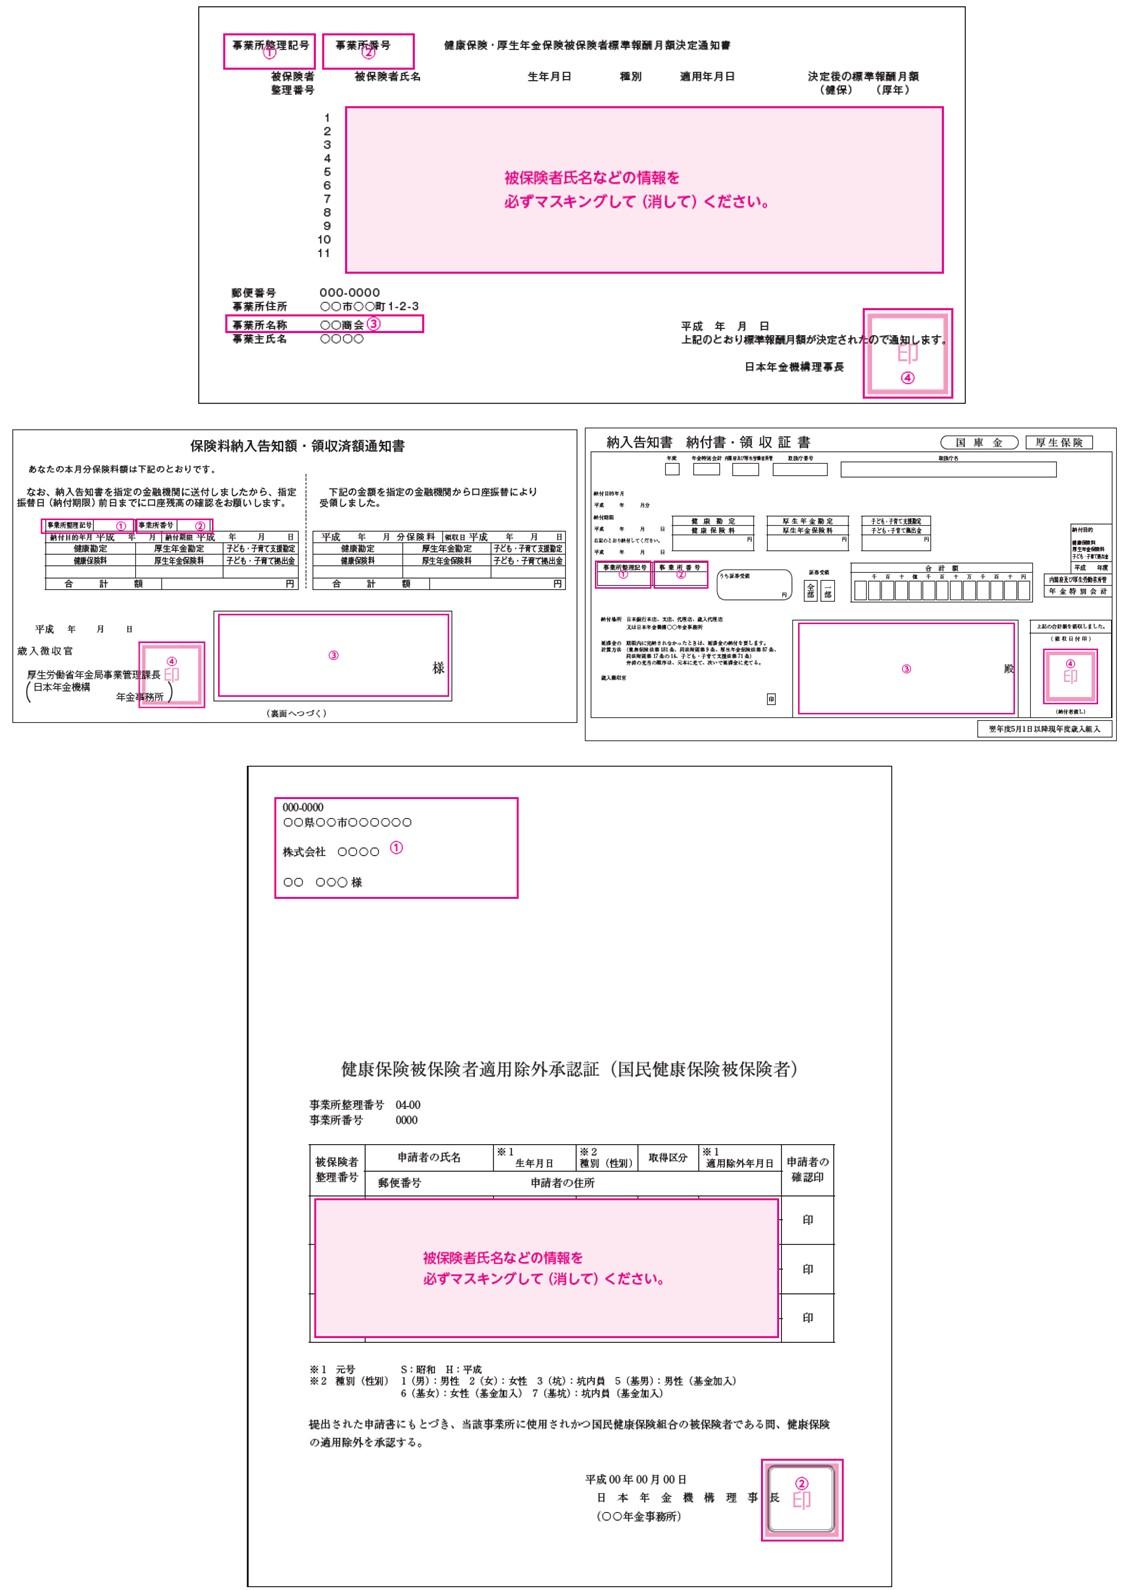 健康保険証明書類